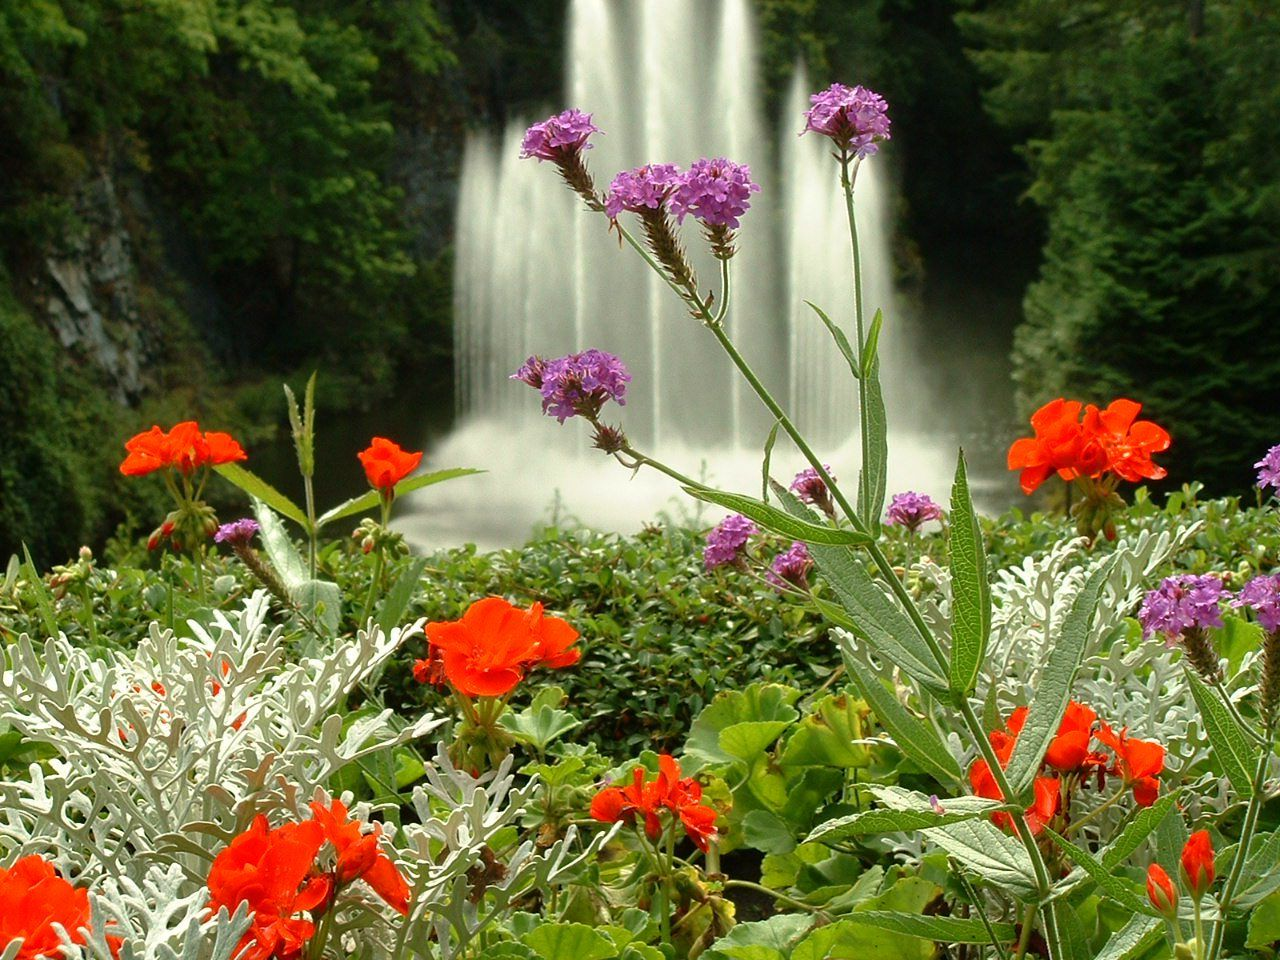 Imagenes del as cascadas del jardin butchart imagenes - Jardines con rosas ...